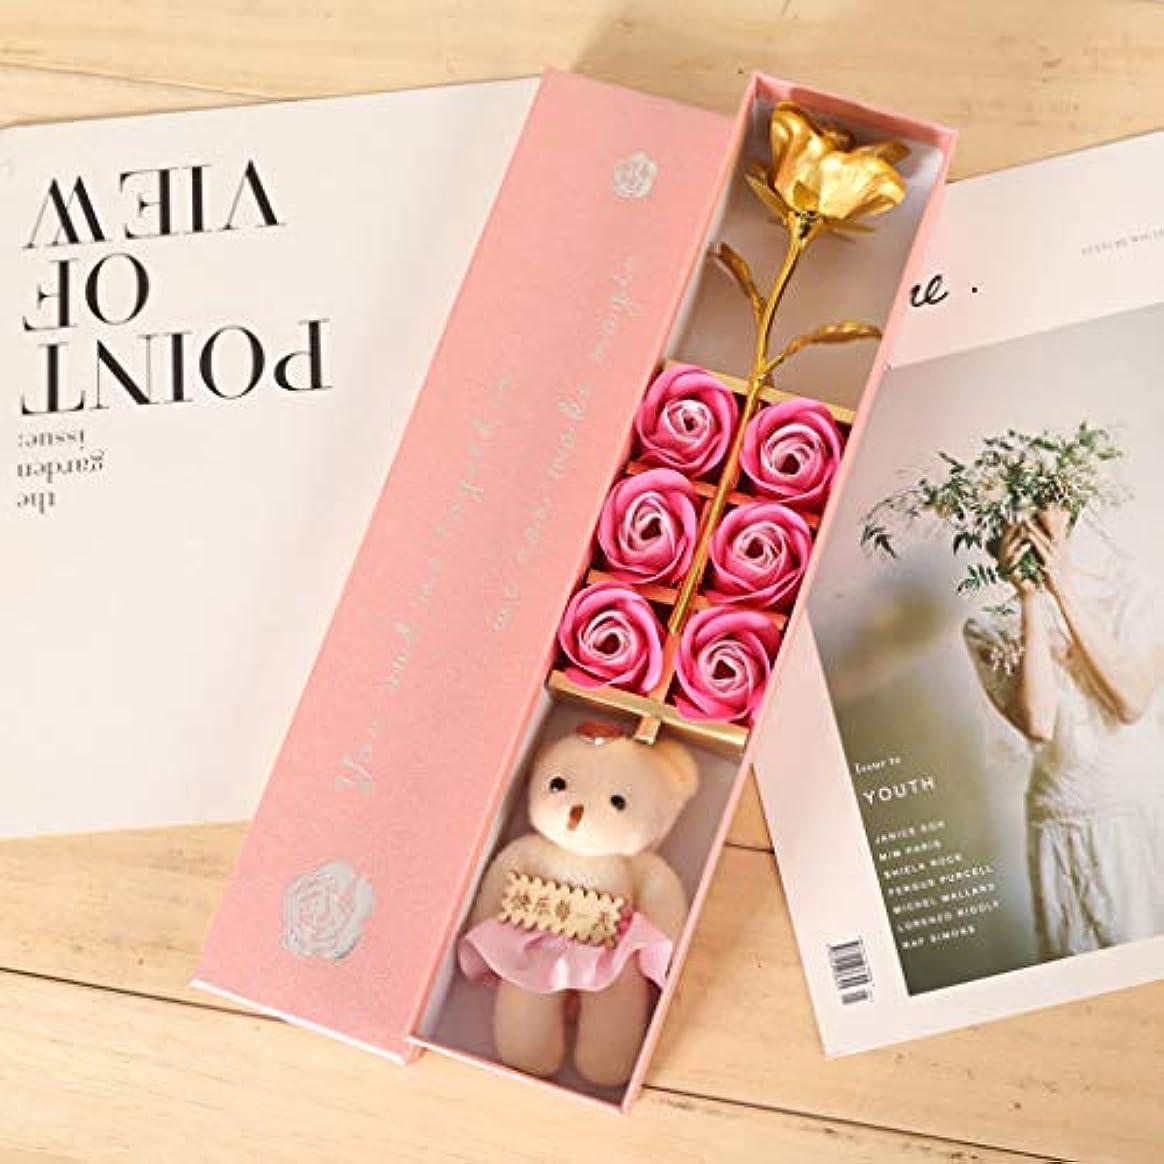 図アプローチ測る【ゴールデンローズギフトボックス】6石鹸のバラの花/せっけんの花/かわいいバラ/素敵な女の子/ママへのユニークな贈り物/誕生日/母の日/記念日/バレンタインデー/卒業プレゼント/あなたが愛した人のための女性 (ピンク)